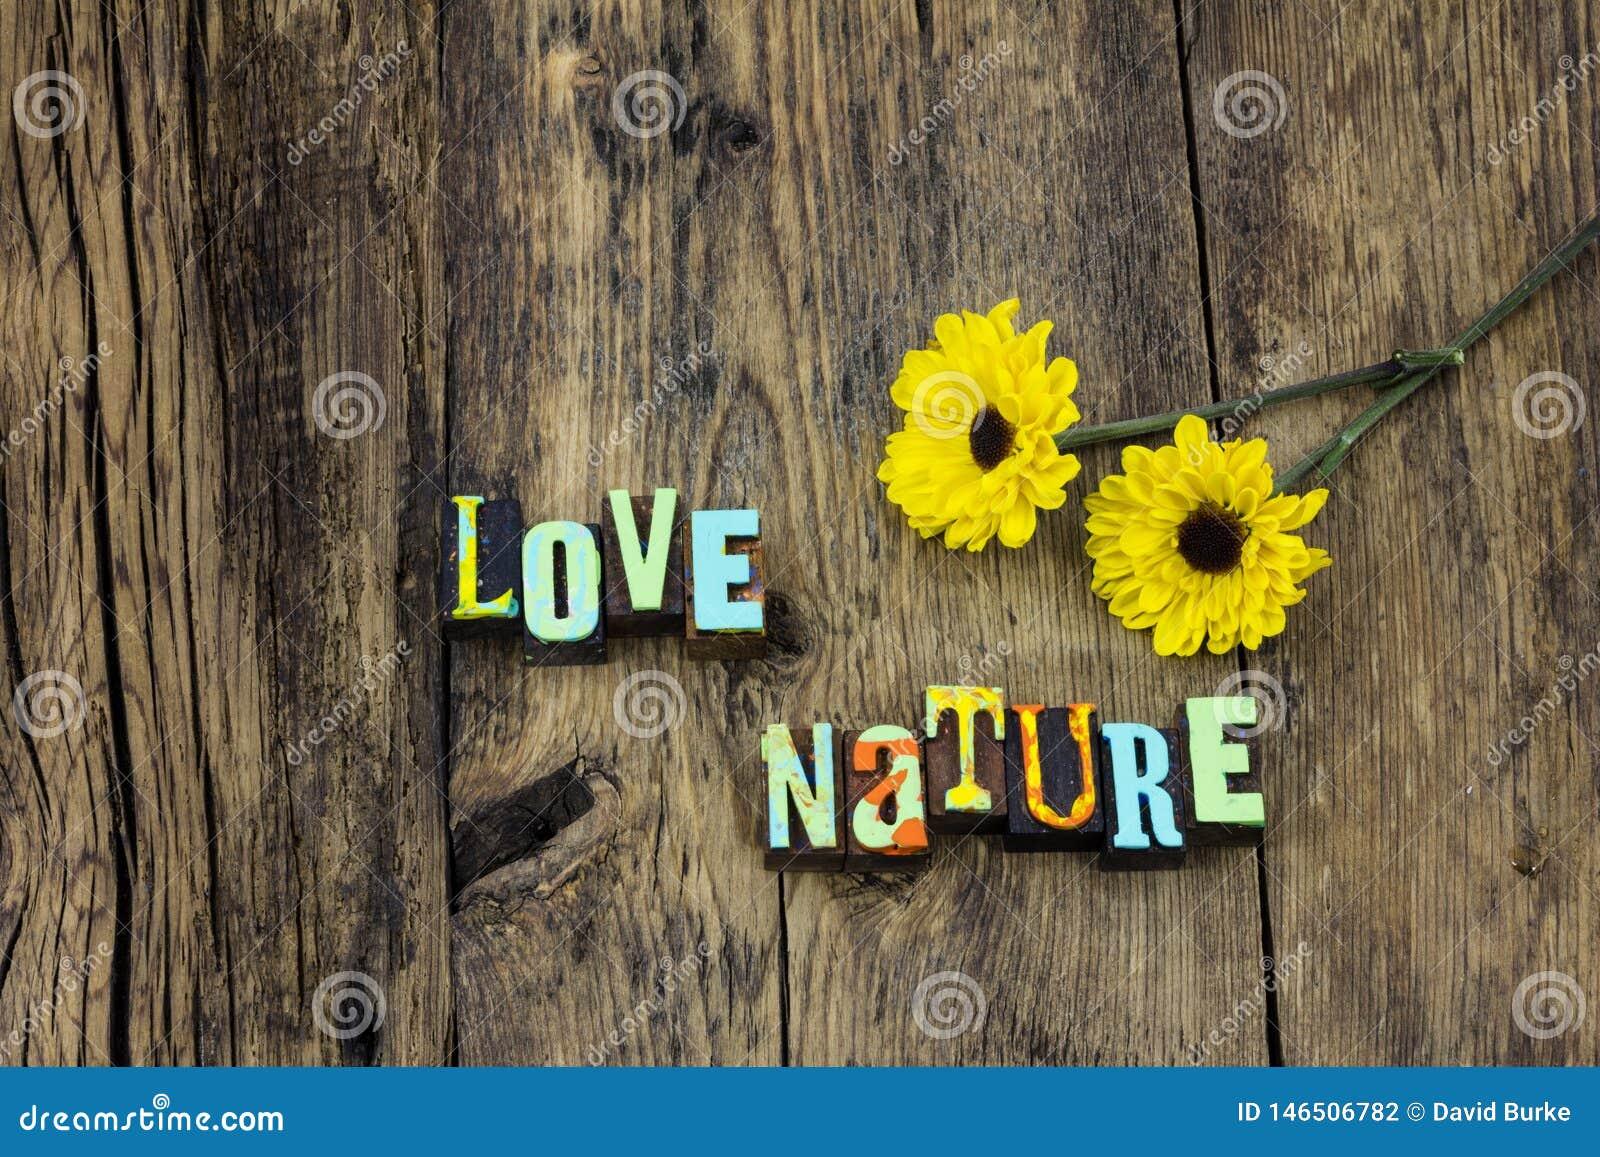 Το γήινο φυσικό περιβάλλον φύσης αγάπης προστατεύει το οικοσύστημα